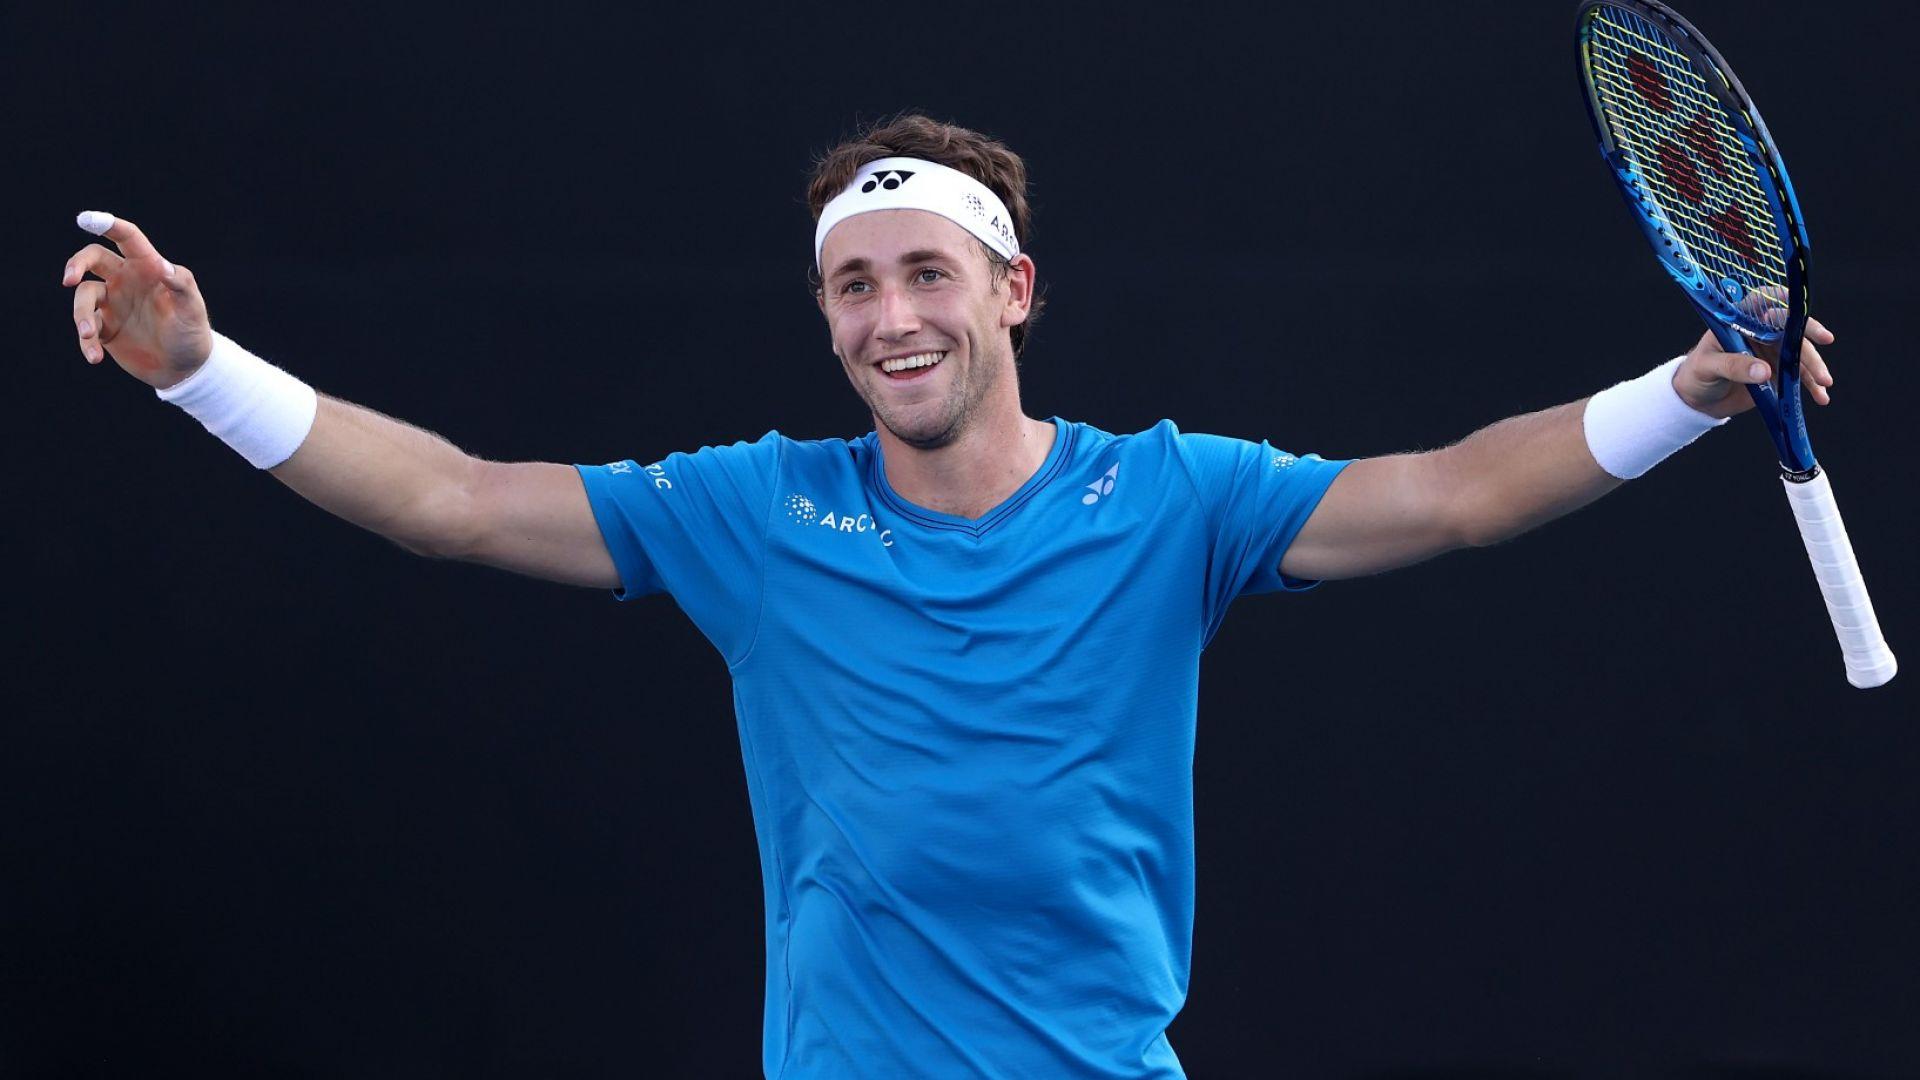 Норвежец триумфира в Сан Диего и стана №1 за годината в мъжкия тенис